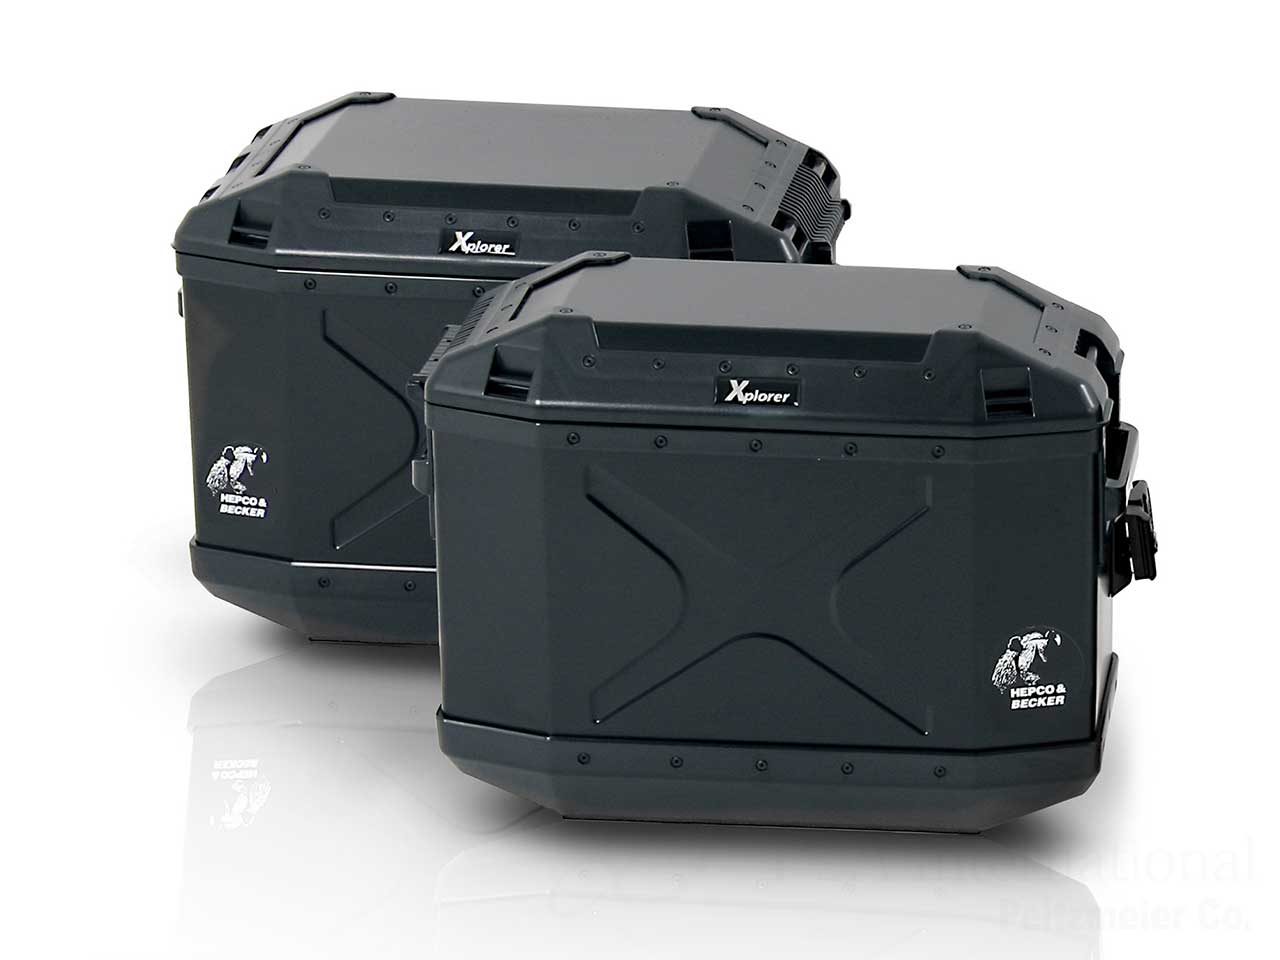 ヘプコ&ベッカー サイドケース エクスプローラー Xplorer 30 Black Edition